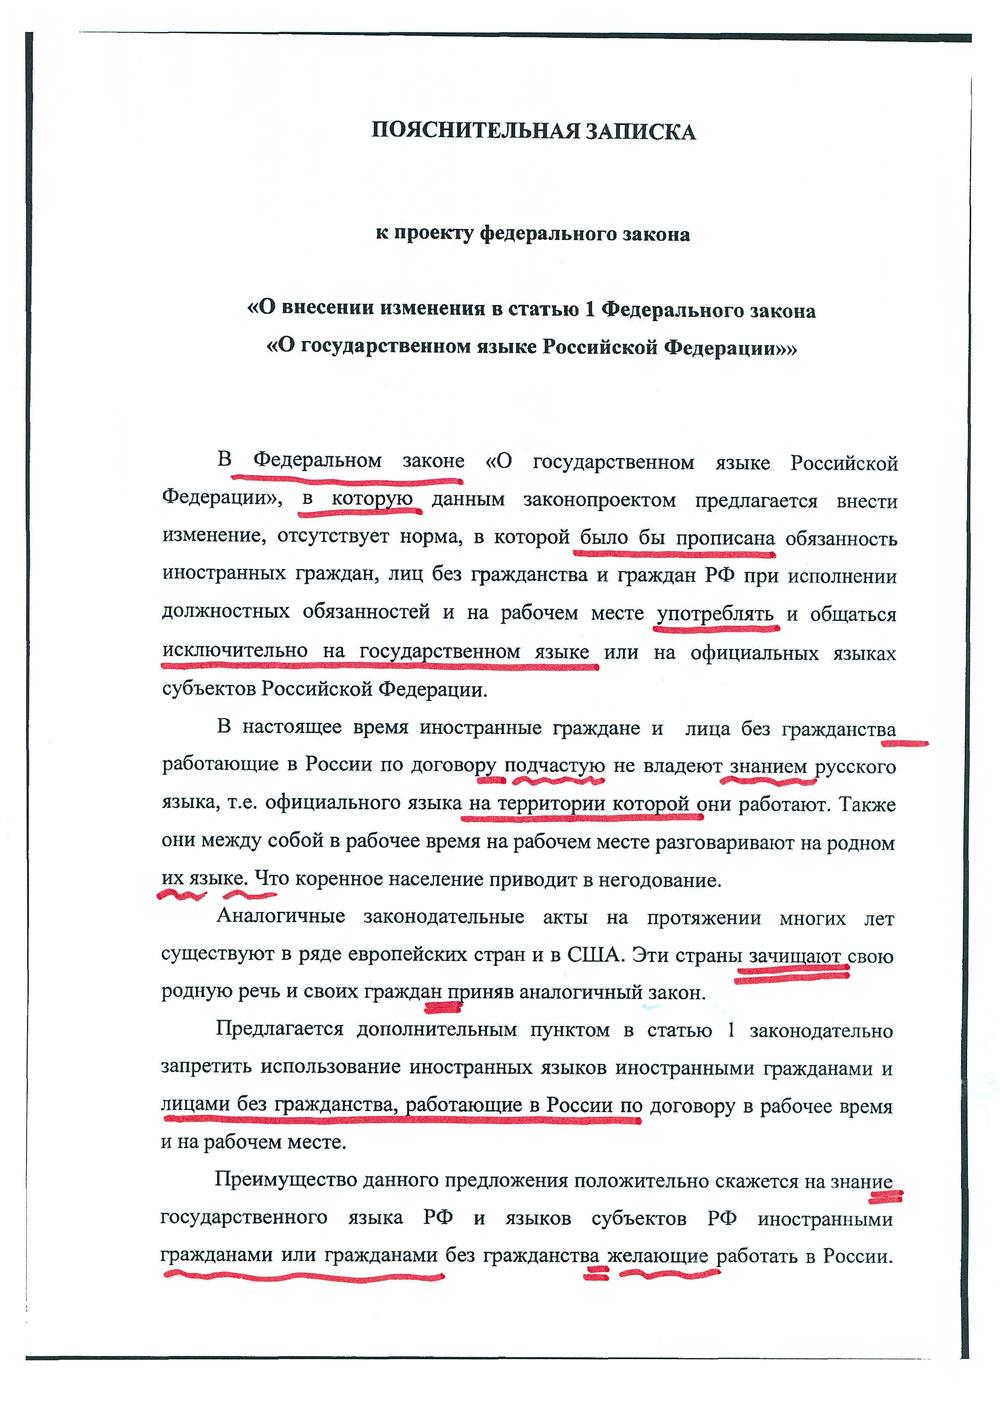 Законопроект ЛДПР о грамотности